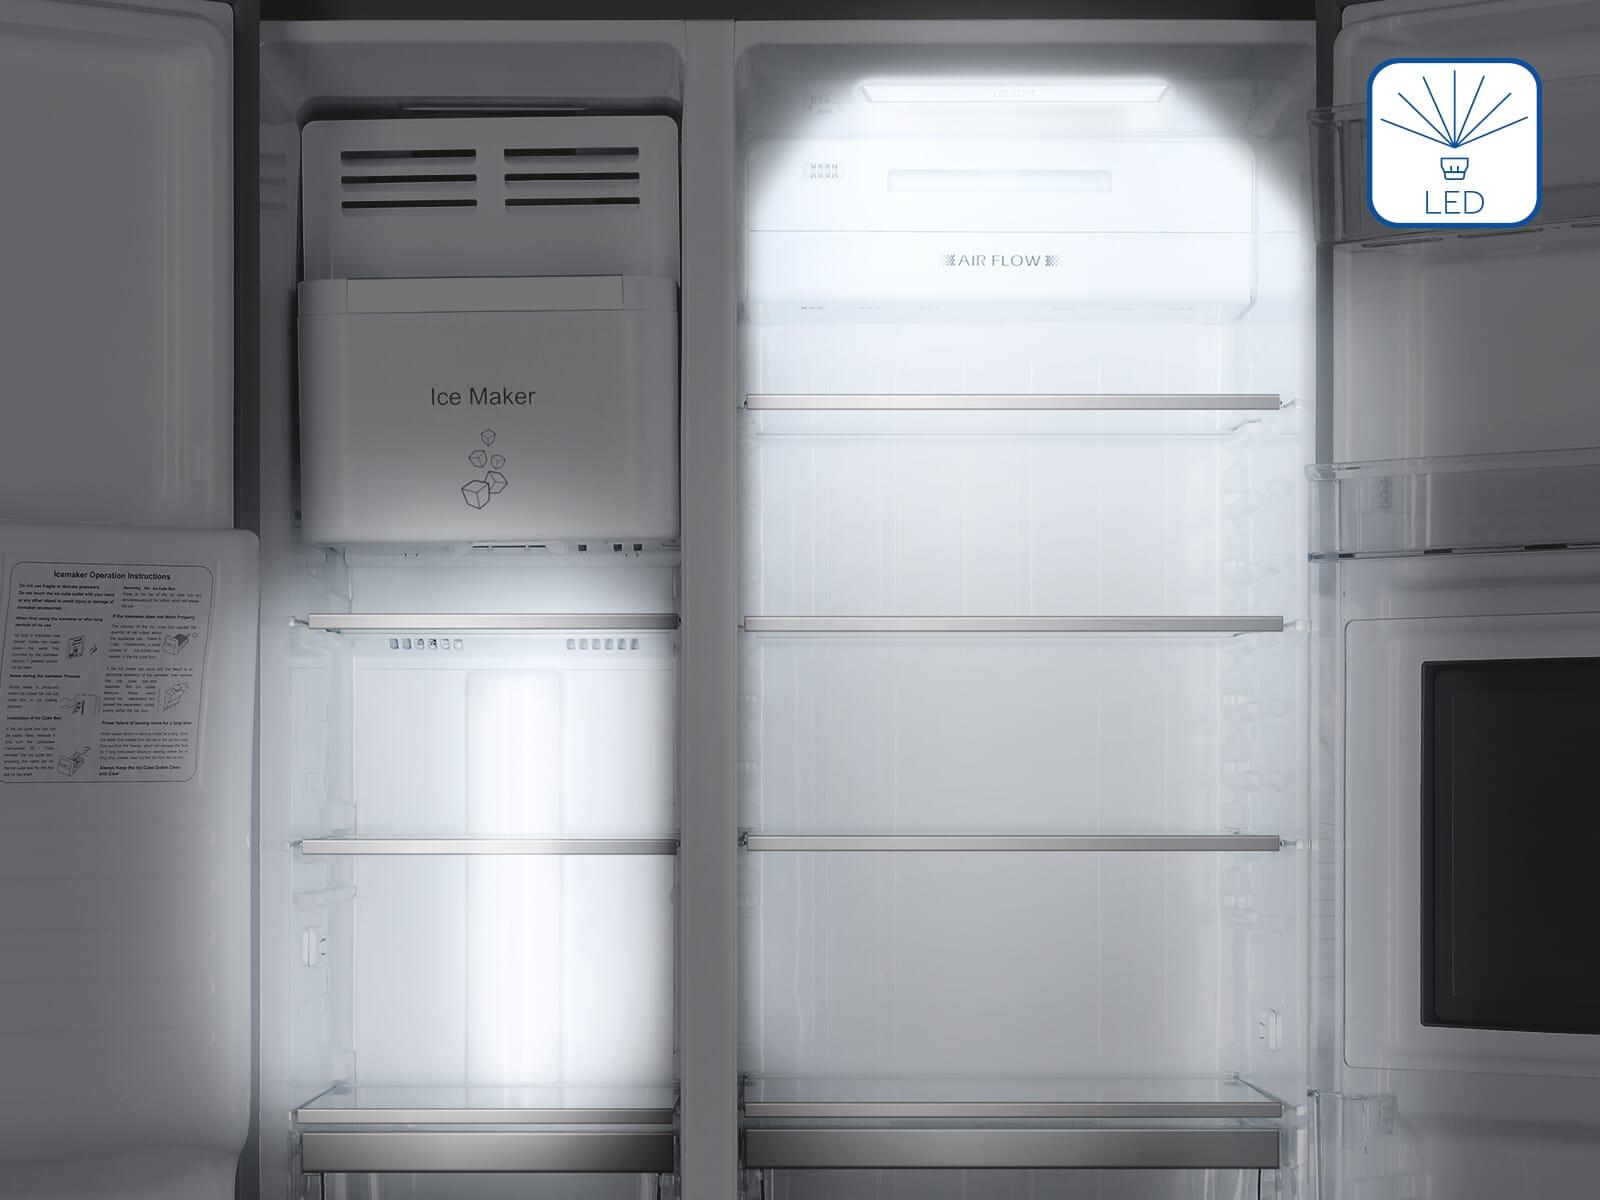 Bosch Kühlschrank Immer Wasser Unter Gemüsefach : Haier hrf 630am7 side by side kühl gefrier kombination edelstahllook